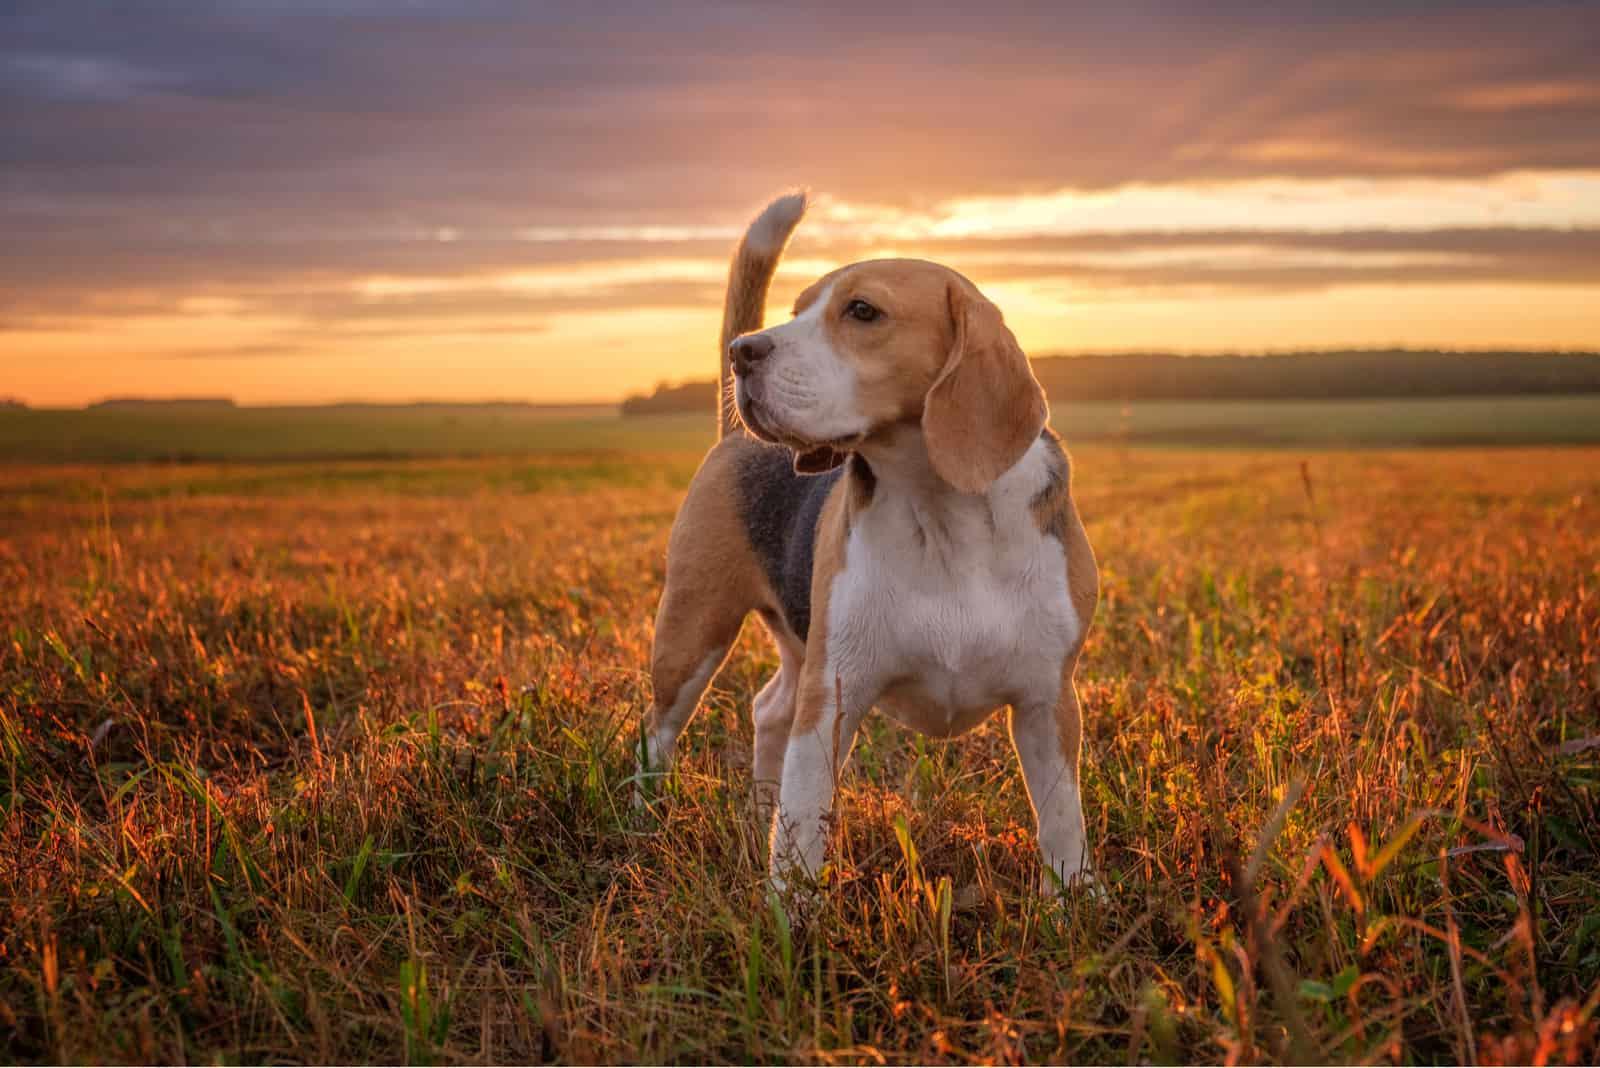 Beagle-Hund in der Natur